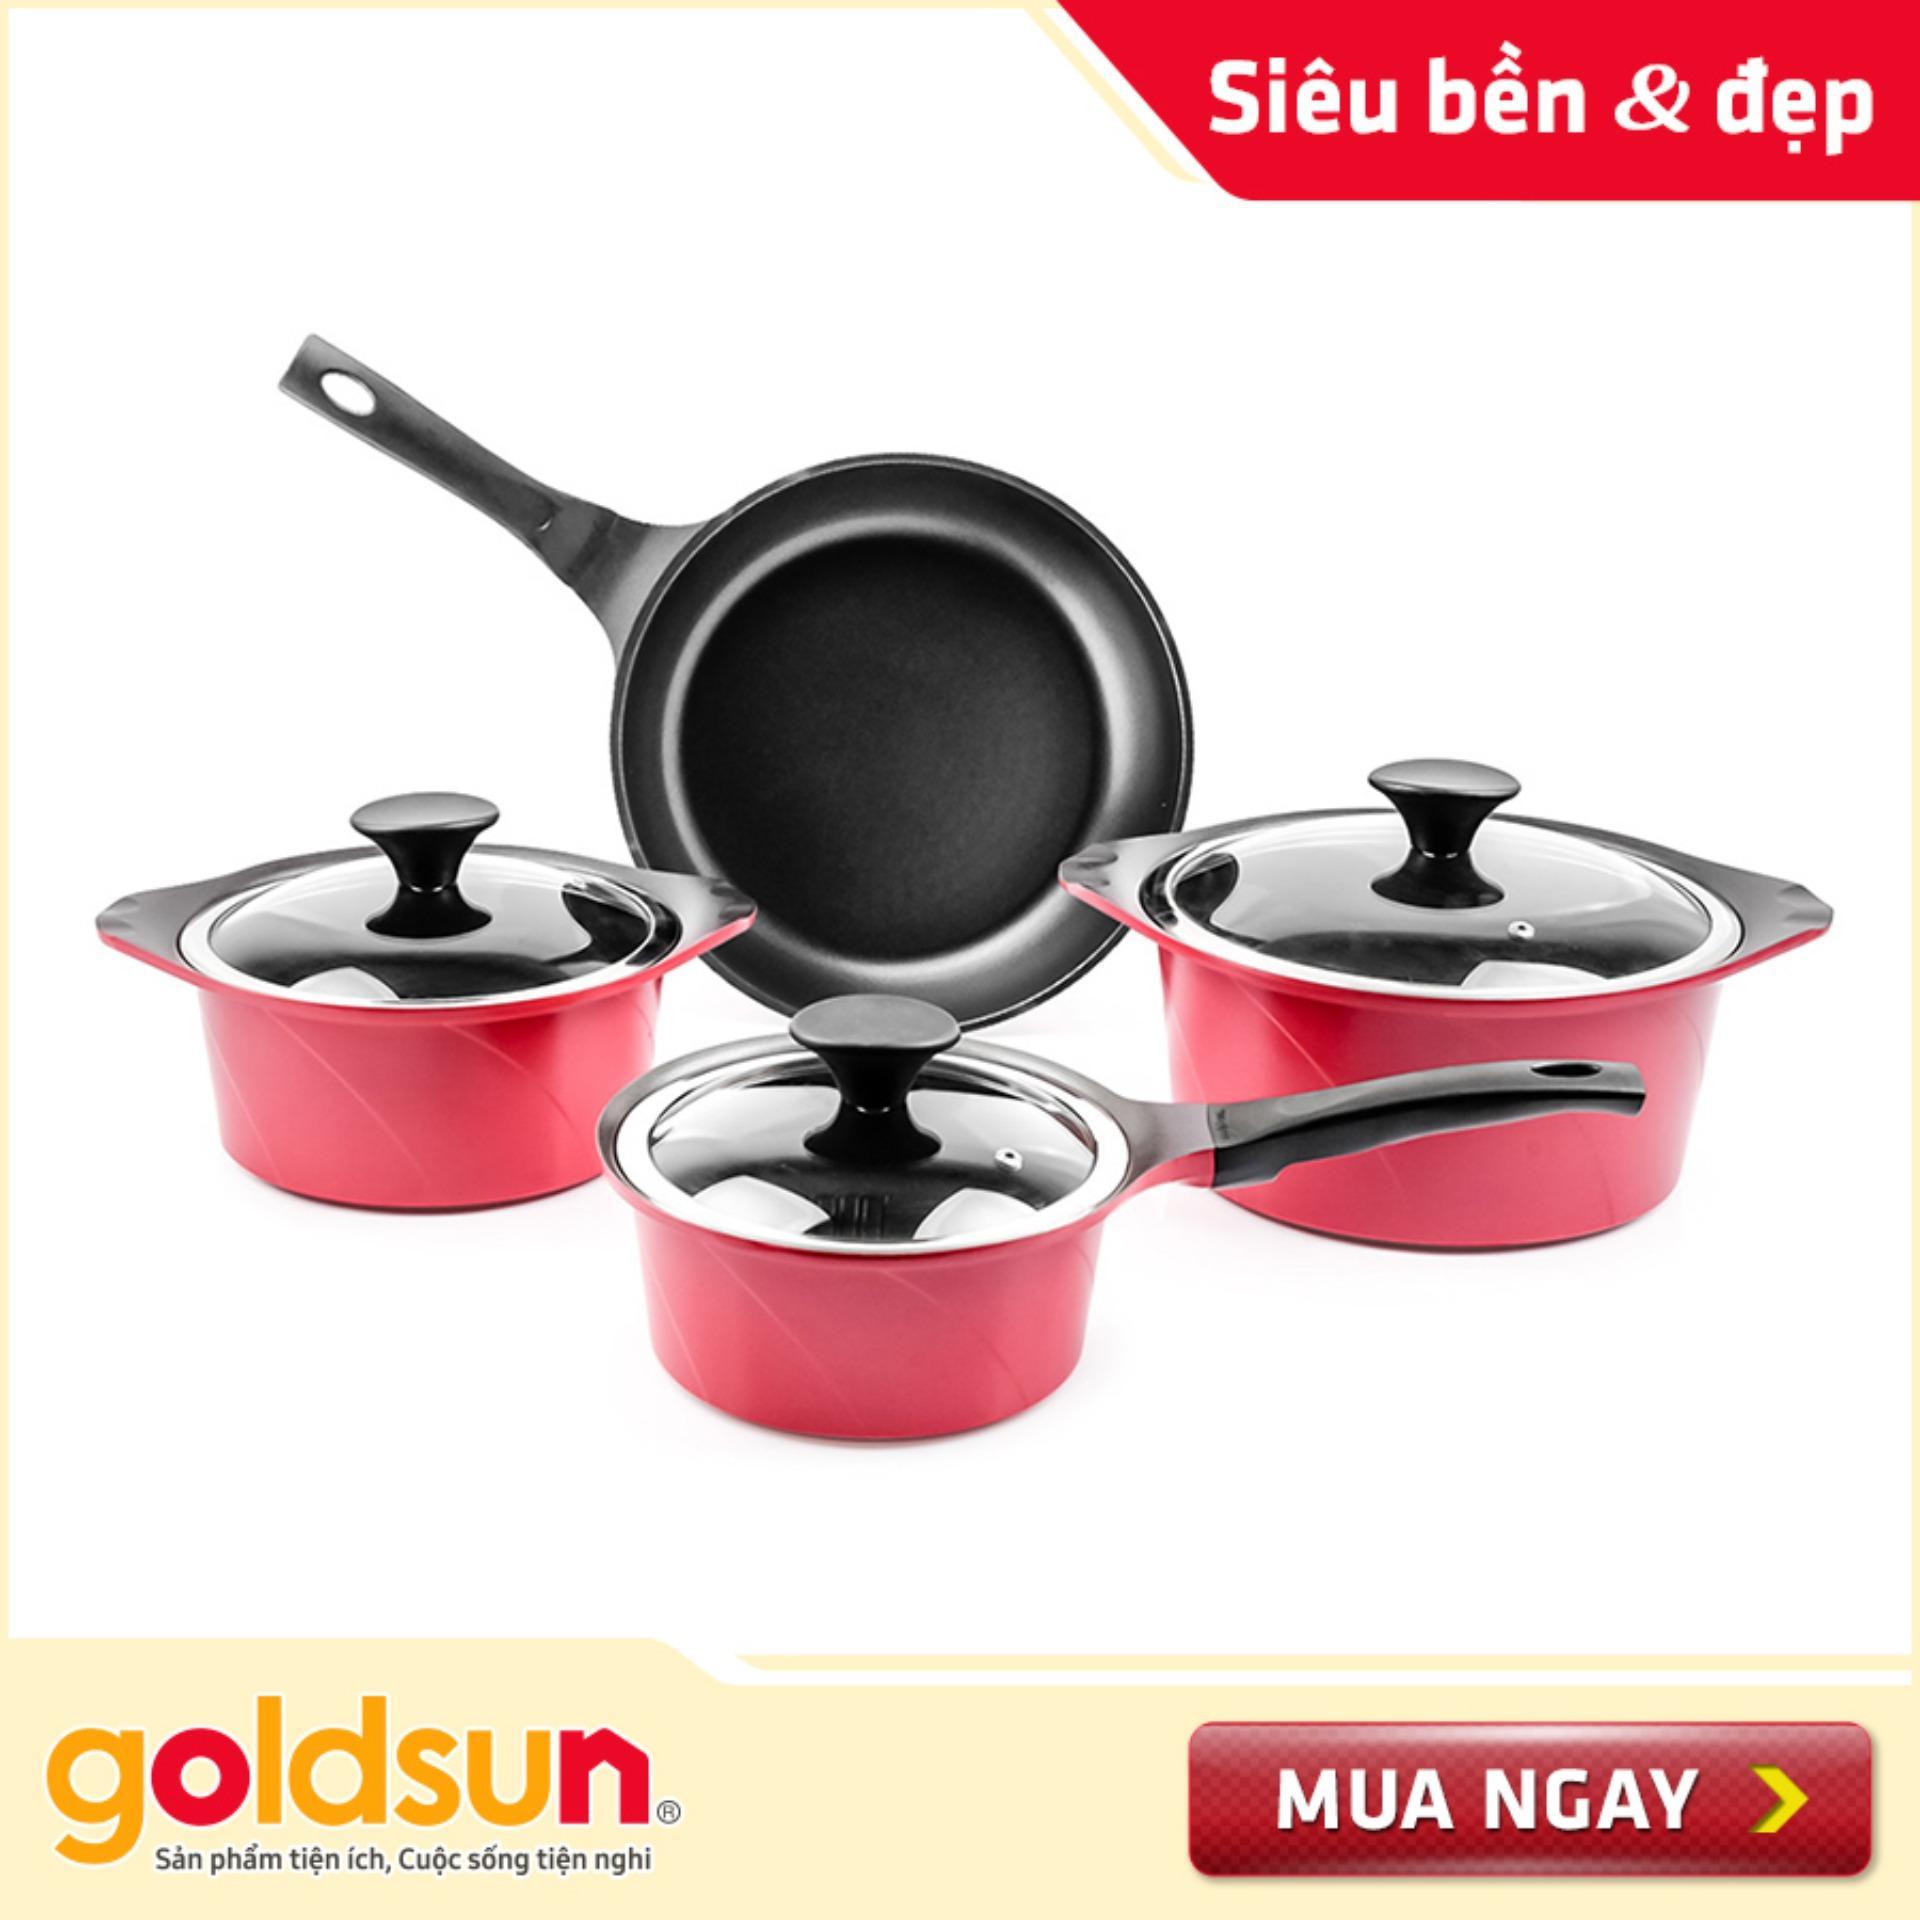 Bộ nồi nhôm đúc Goldsun GD07-4207AG-IH (Đỏ)